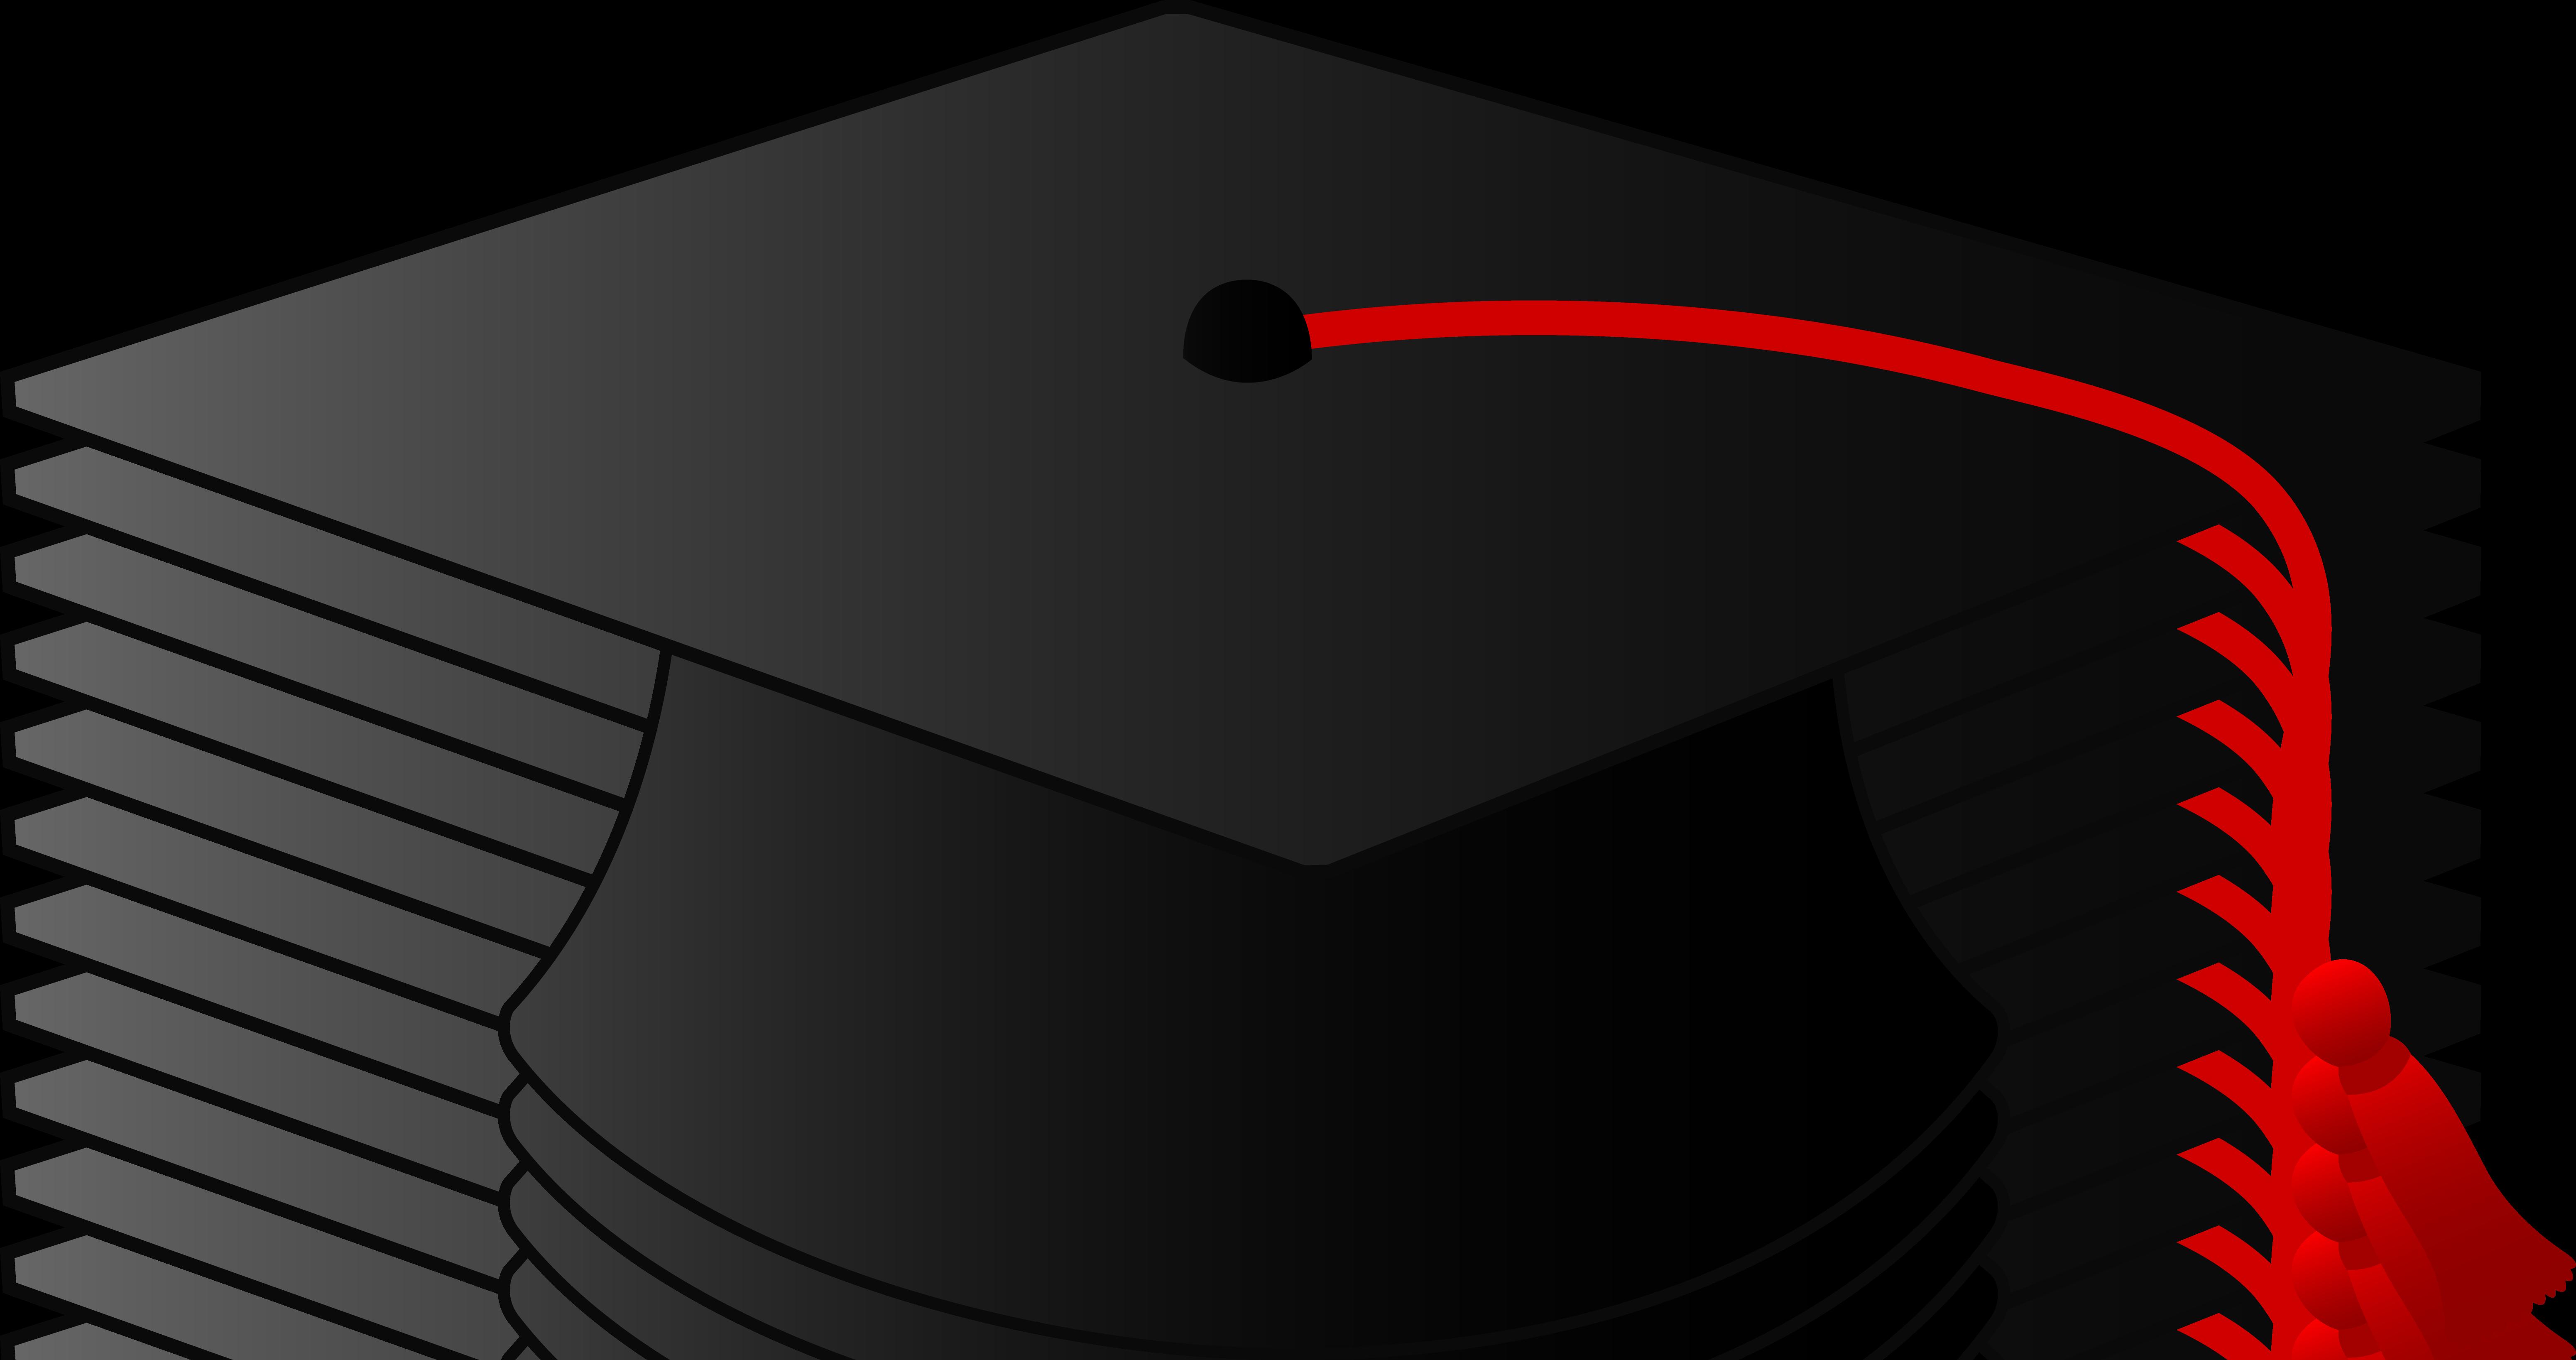 6204x3275 Grad Cap Clipart